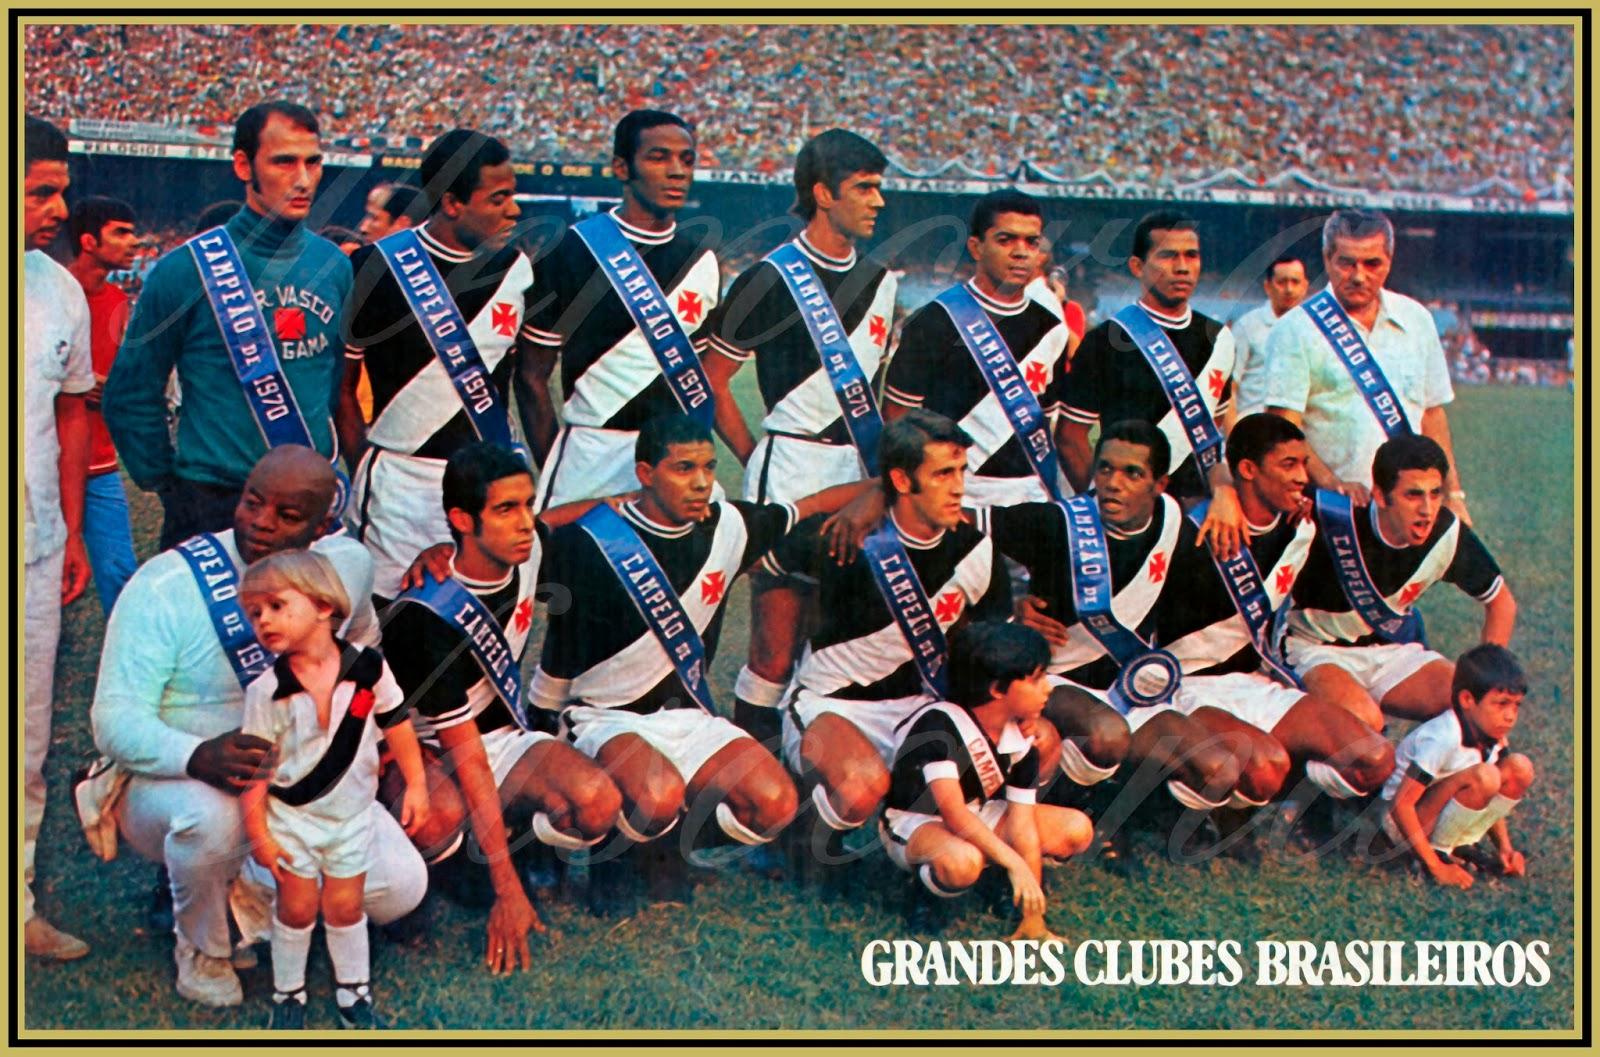 6e45645a53 A equipe do Club de Regatas Vasco da Gama que levantou o título de campeão  de futebol do Estado da Guanabara!